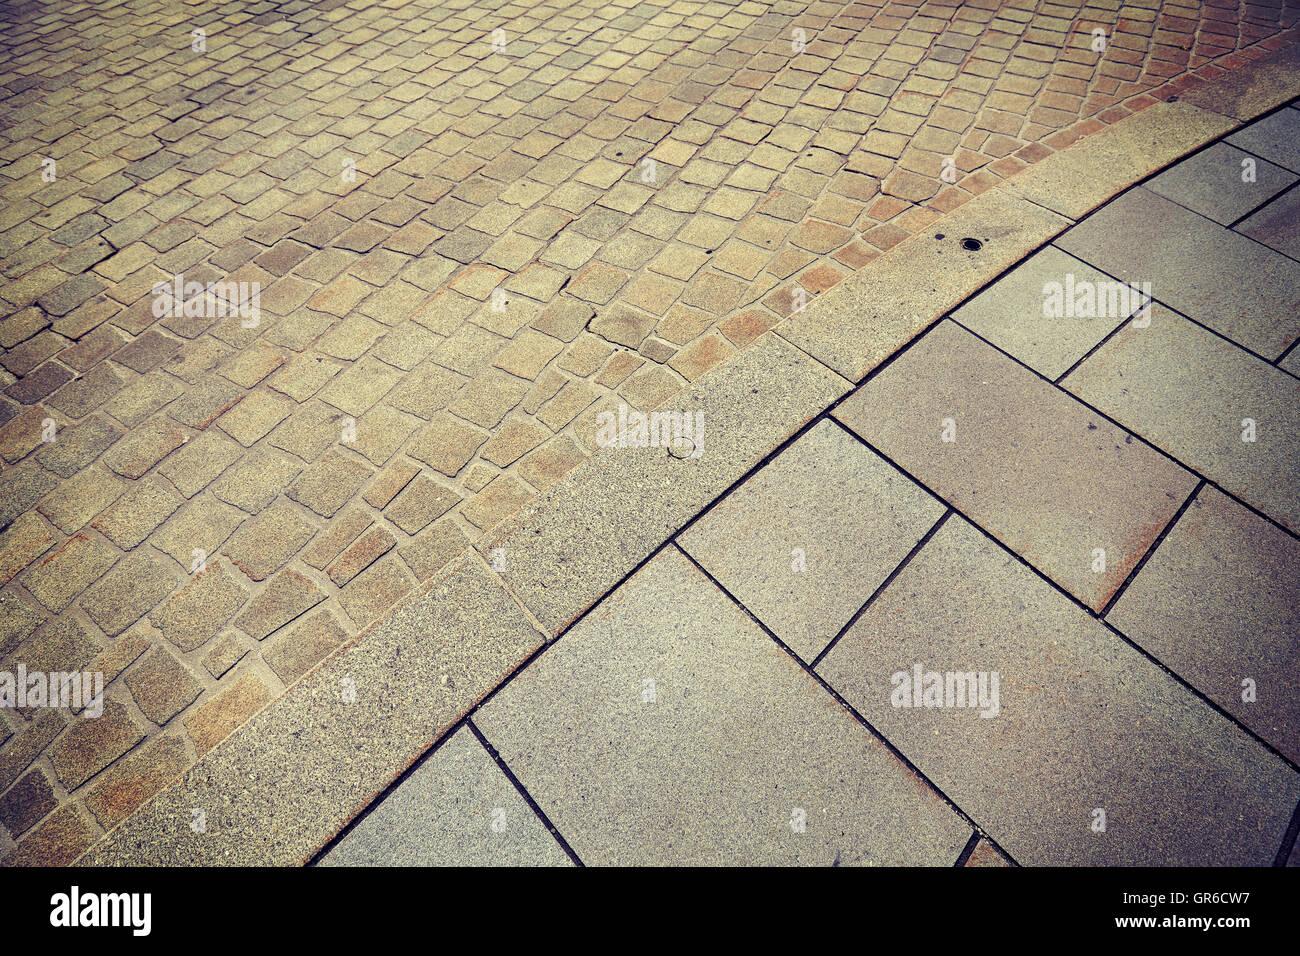 Vintage photo aux couleurs d'une bordure de rue et trottoir. Photo Stock